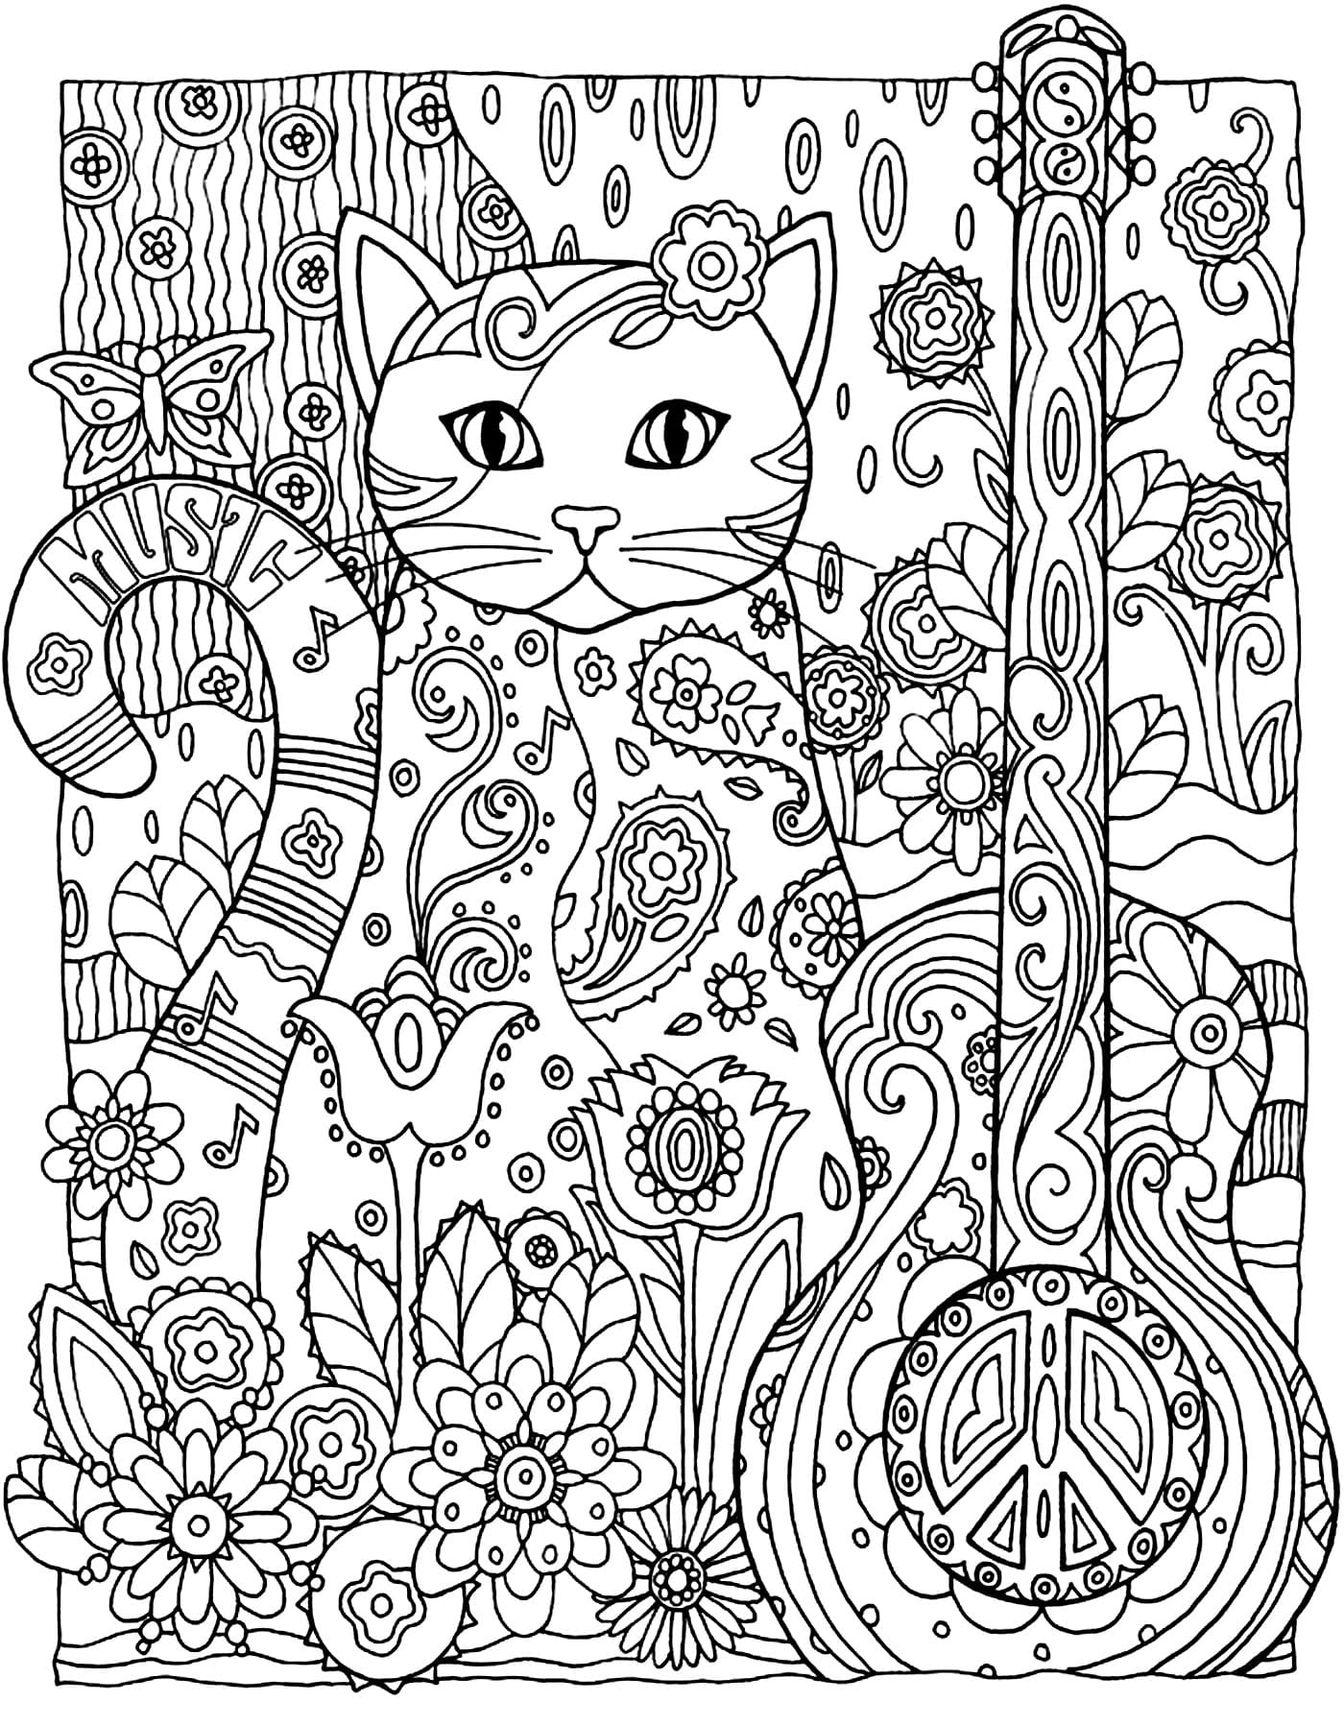 Картинки которые можно распечатать на принтере кот